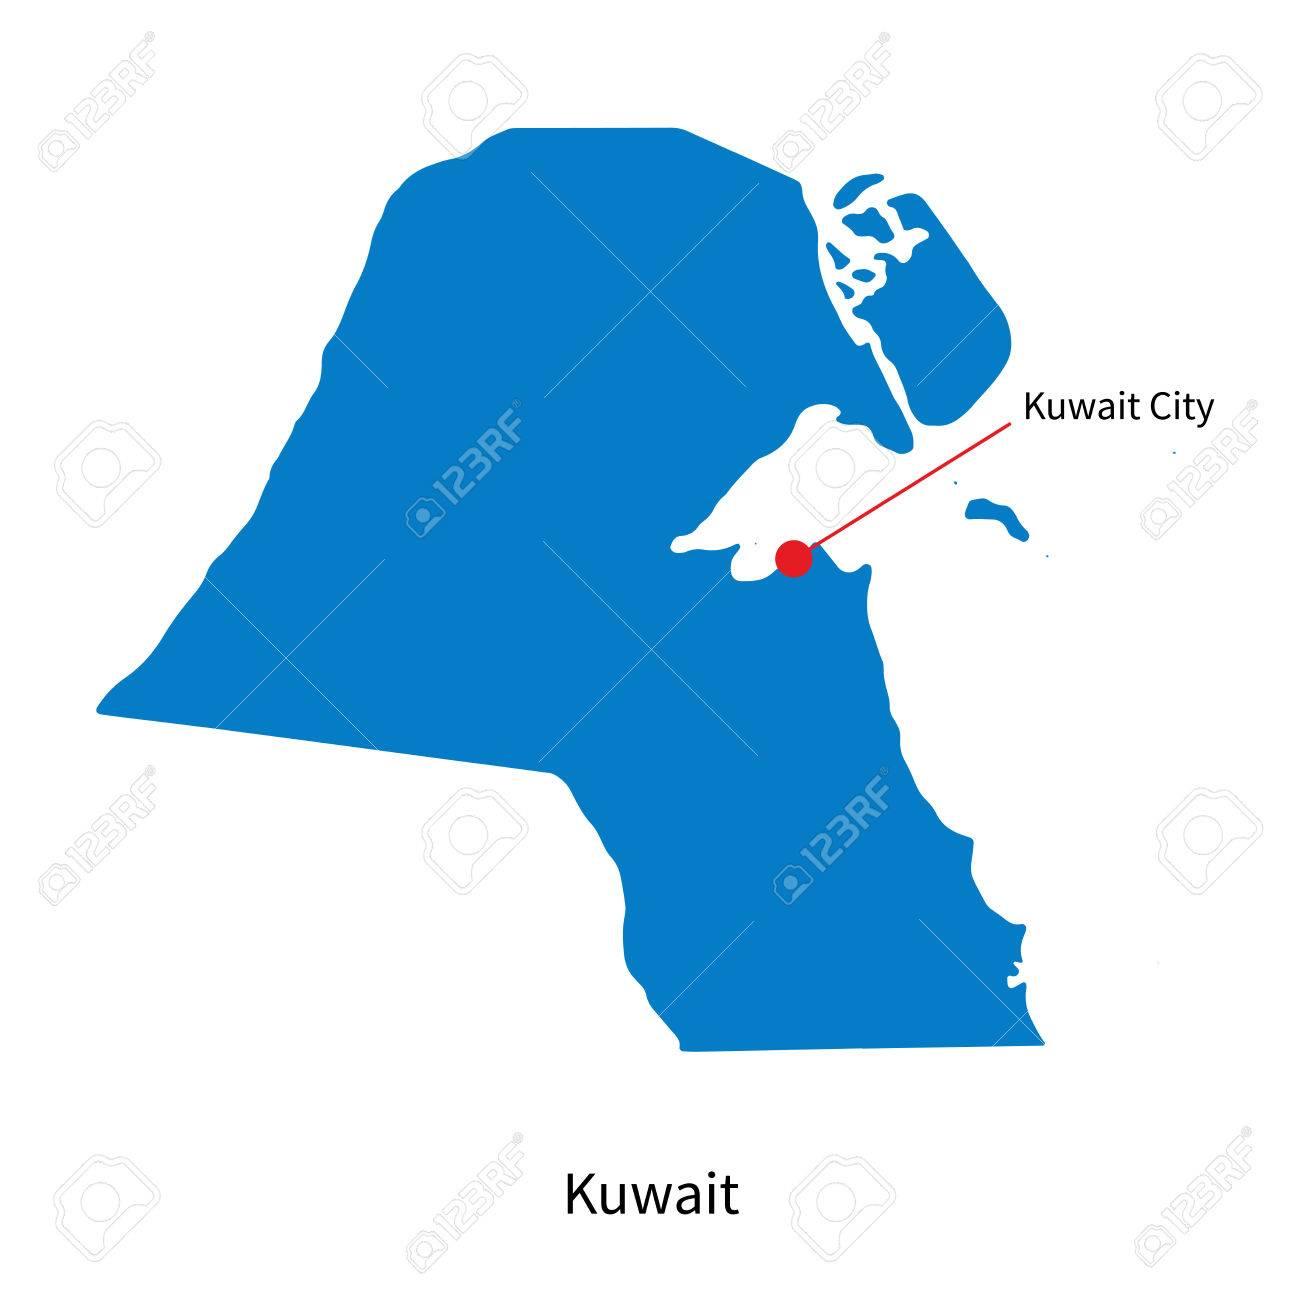 Detailed map of Kuwait and capital city Kuwait City on world map chongqing, world map abuja, world map muscat, world map skopje, world map sofia, world map brasilia, world map la paz, world map basra, world map ottawa, world map mombasa, world map belfast, world map edinburgh, world map tabriz, world map isfahan, world map reykjavik, world map nassau, world map rotterdam, world map bogota, world map tijuana, world map mogadishu,